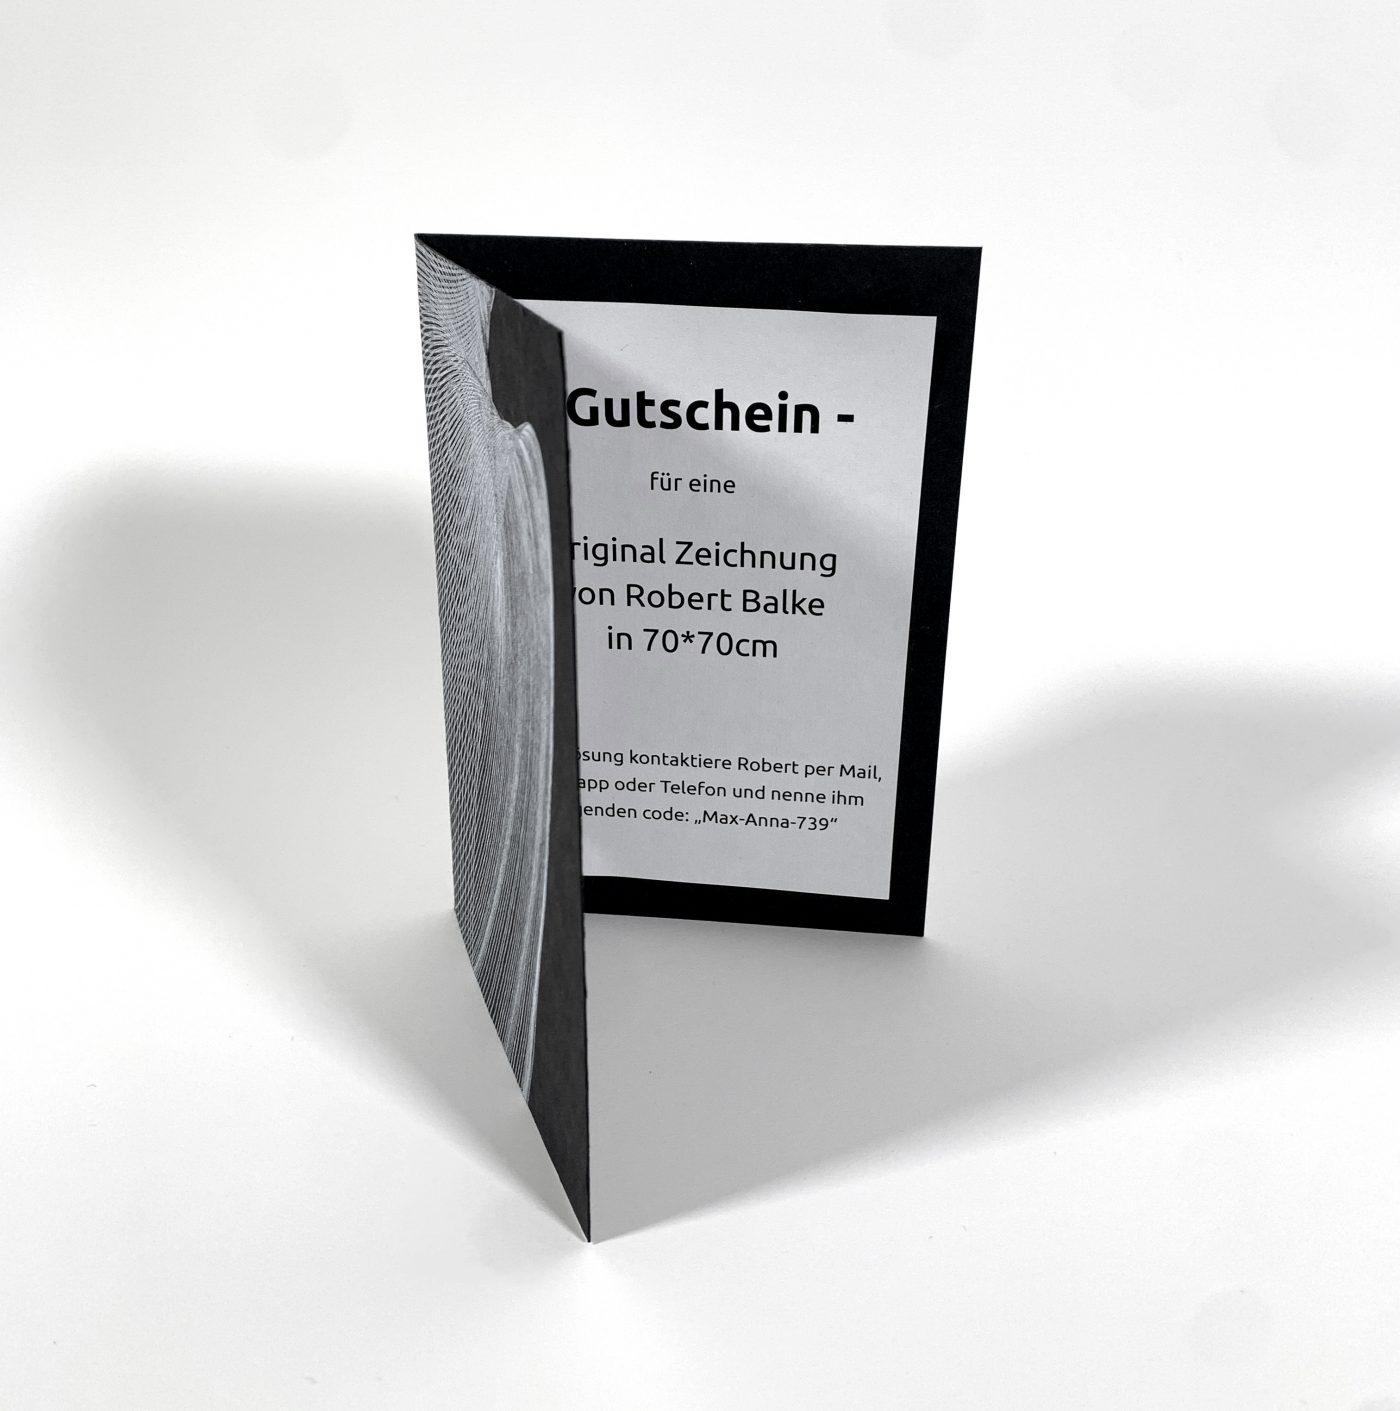 Gutschein - 70*70cm